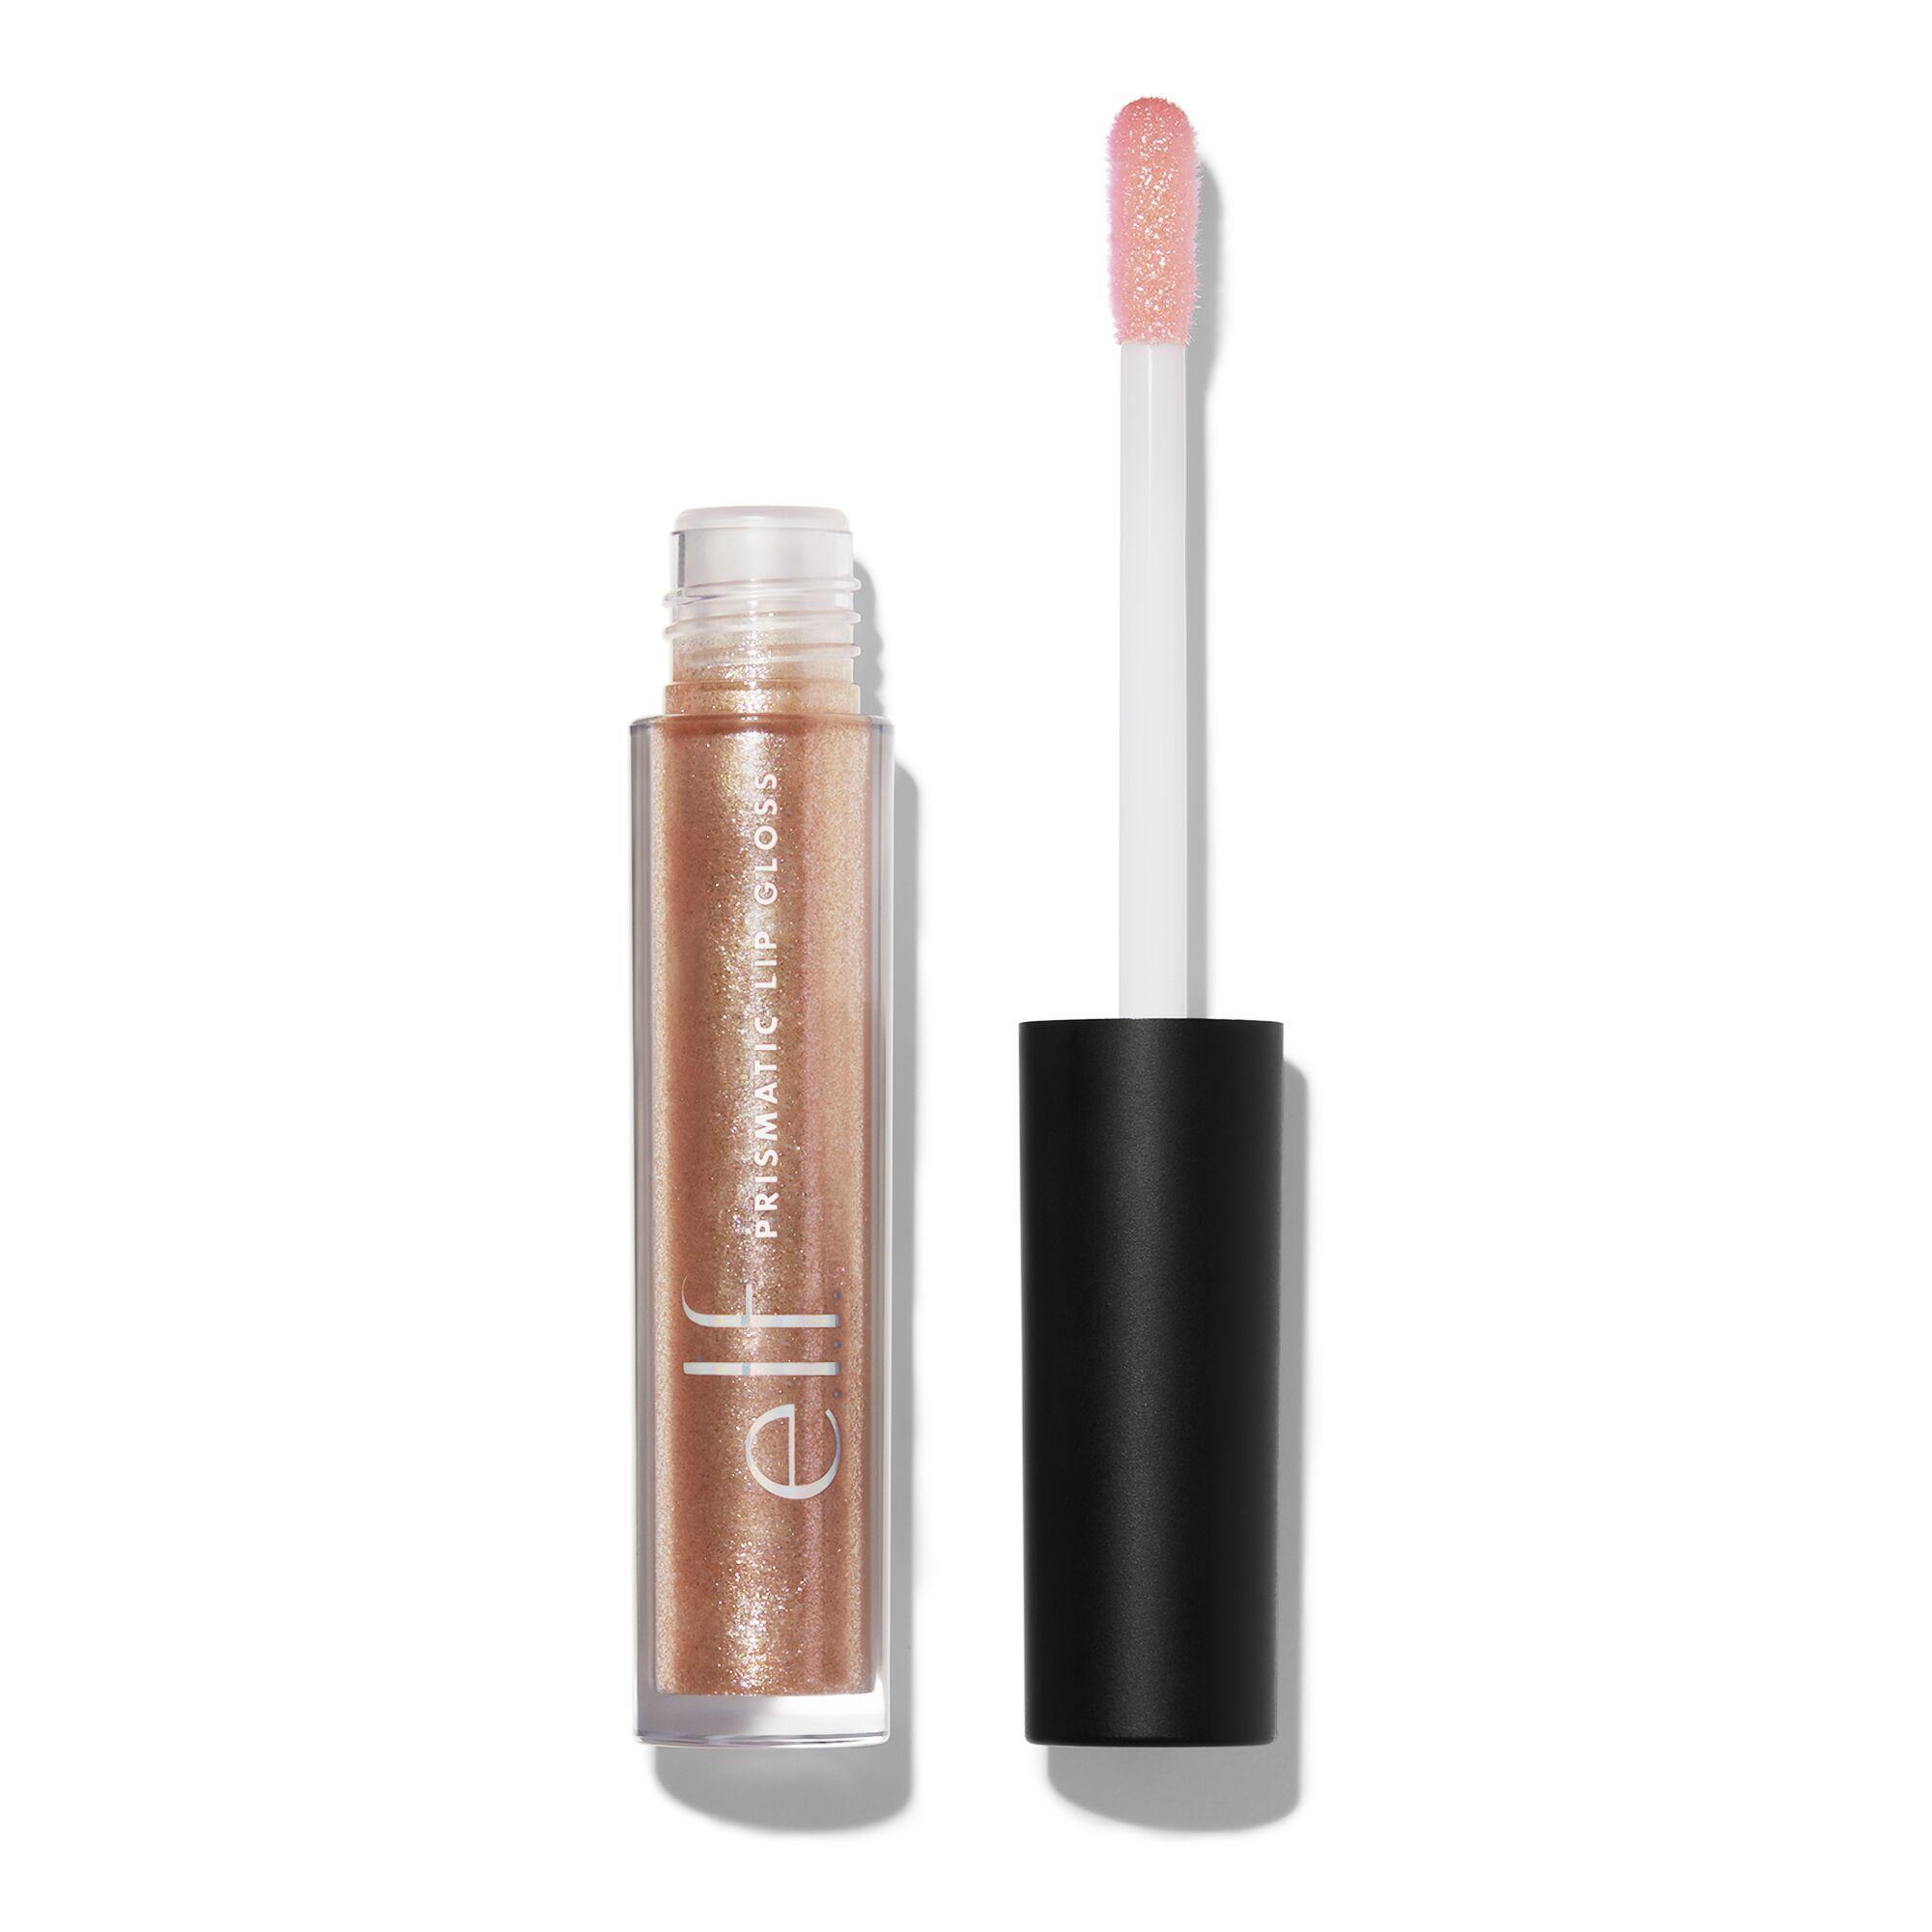 Idea by seashell1413 on Lip gloss Cruelty free cosmetics